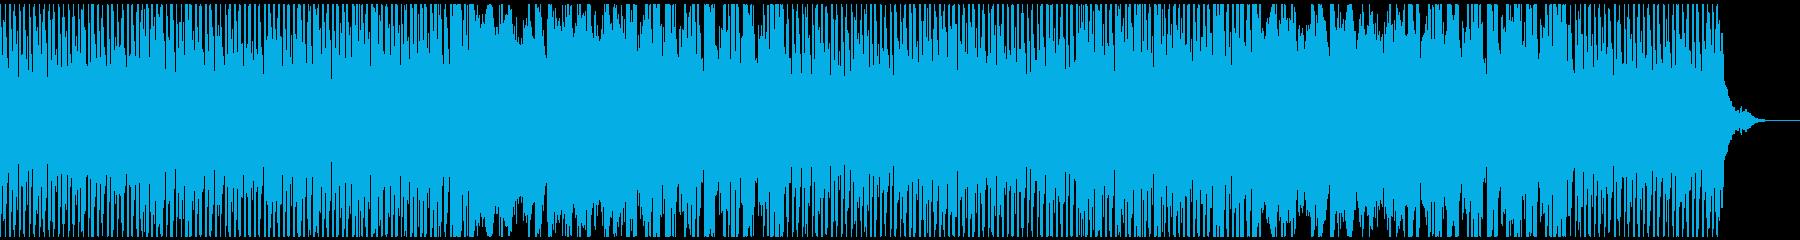 爽やかワクワク生音系EDM企業PVの再生済みの波形